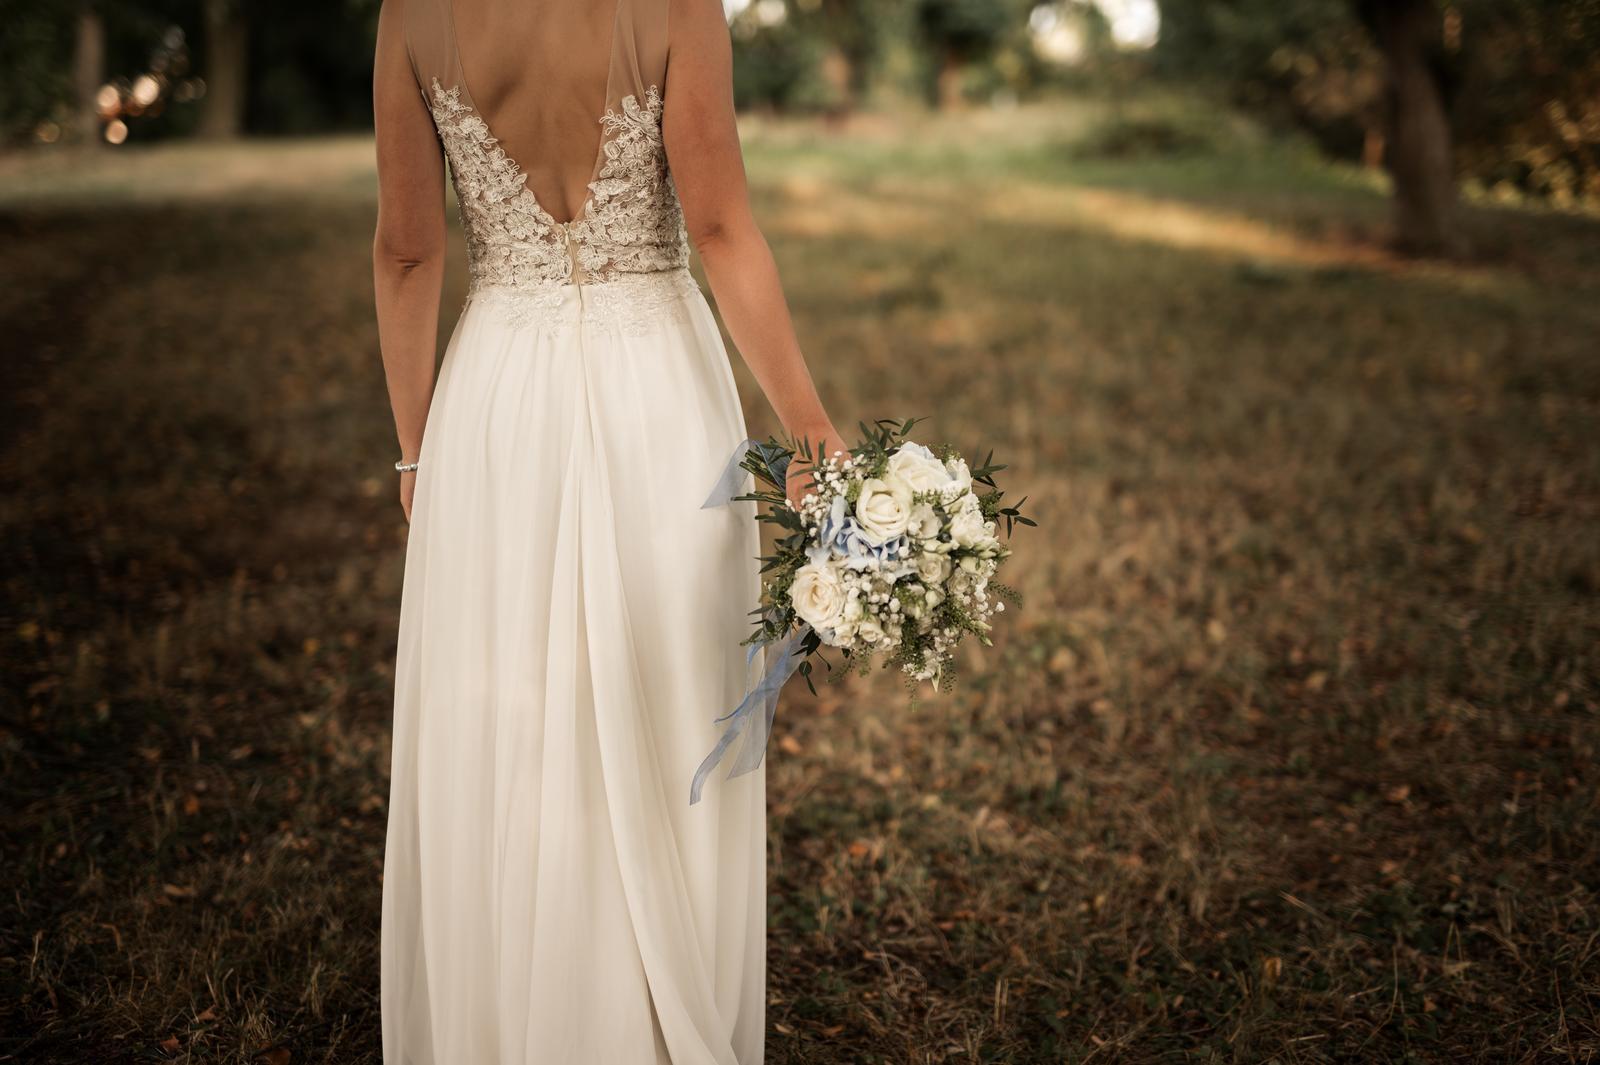 Svatební šaty, vel. 34 - Obrázek č. 1